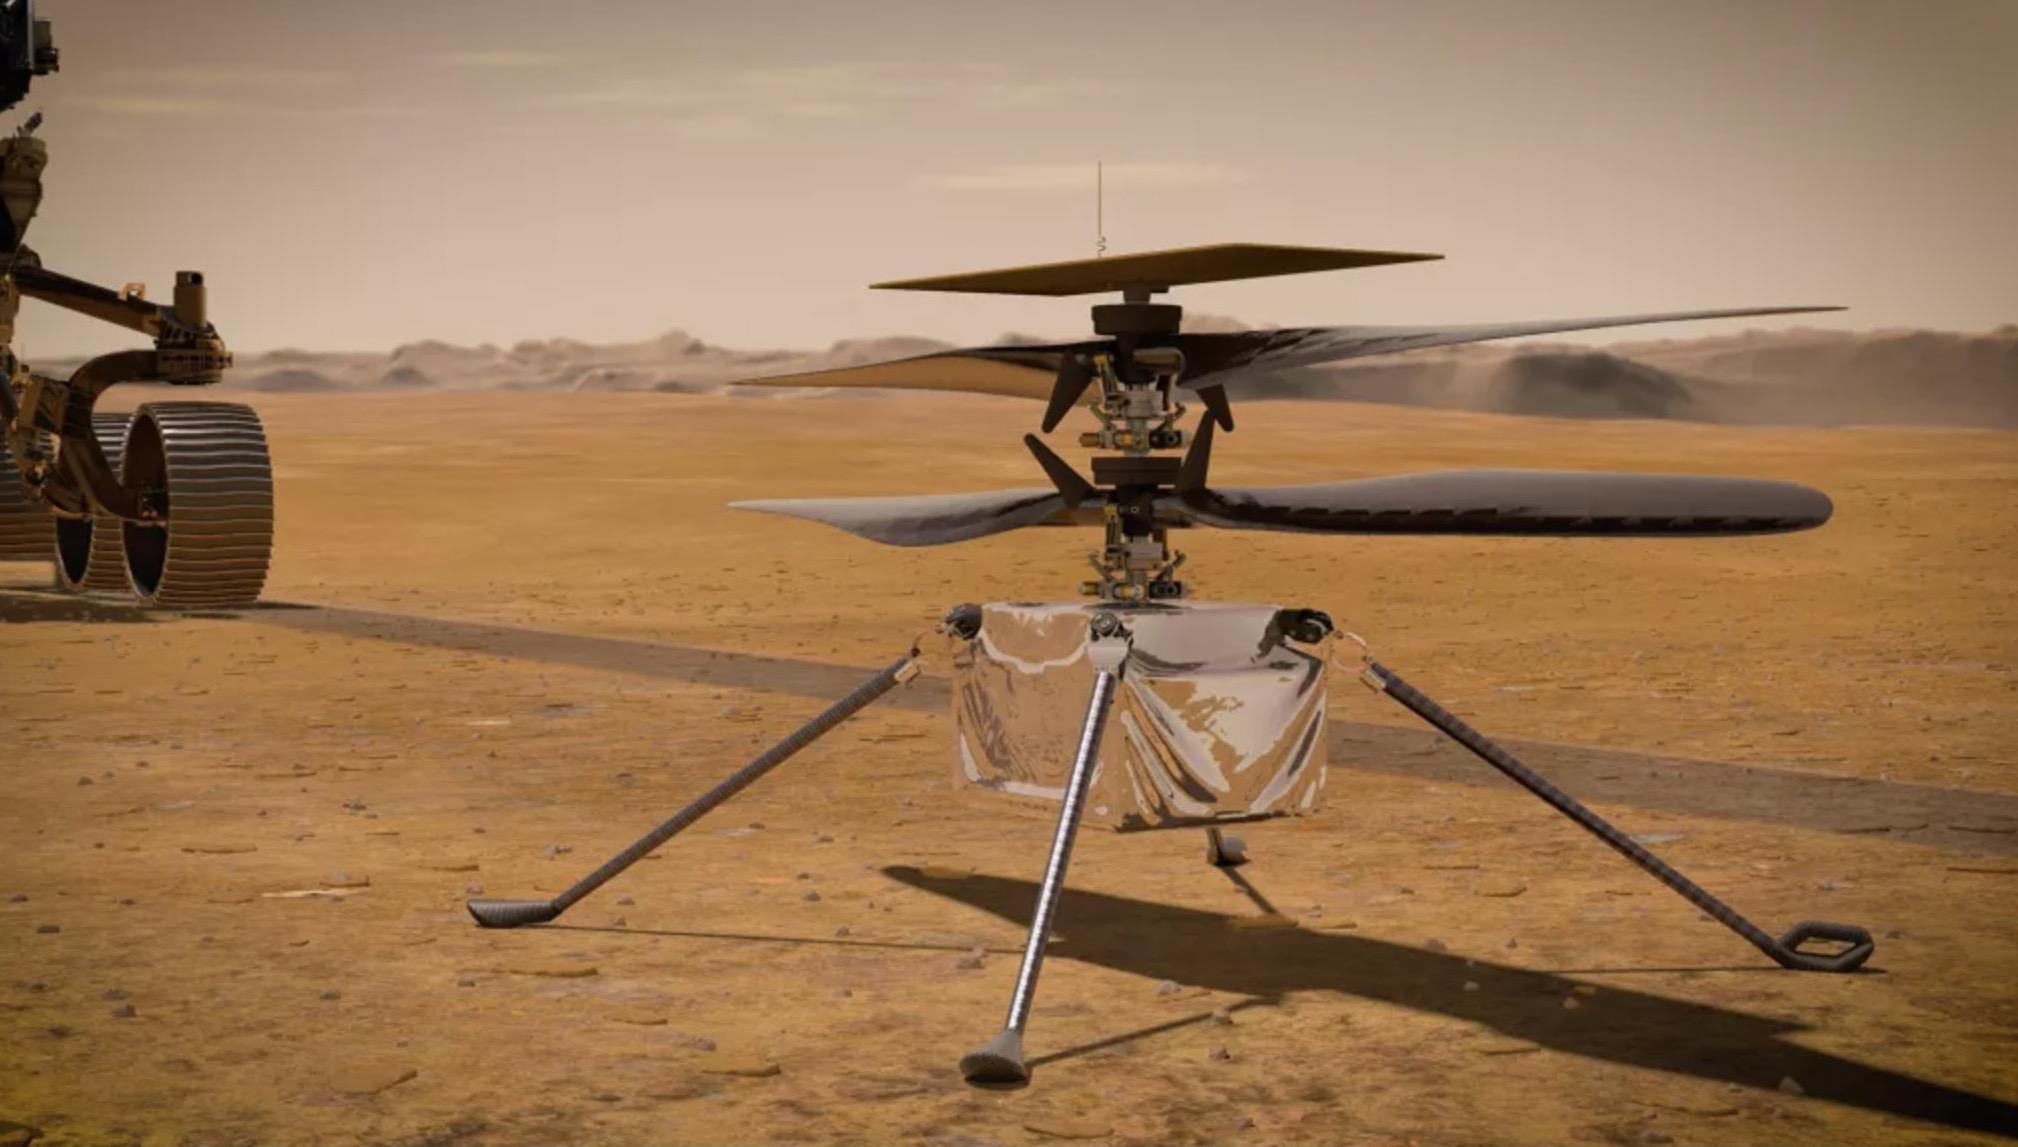 Sur Mars, Ingenuity se prépare pour un premier vol historique